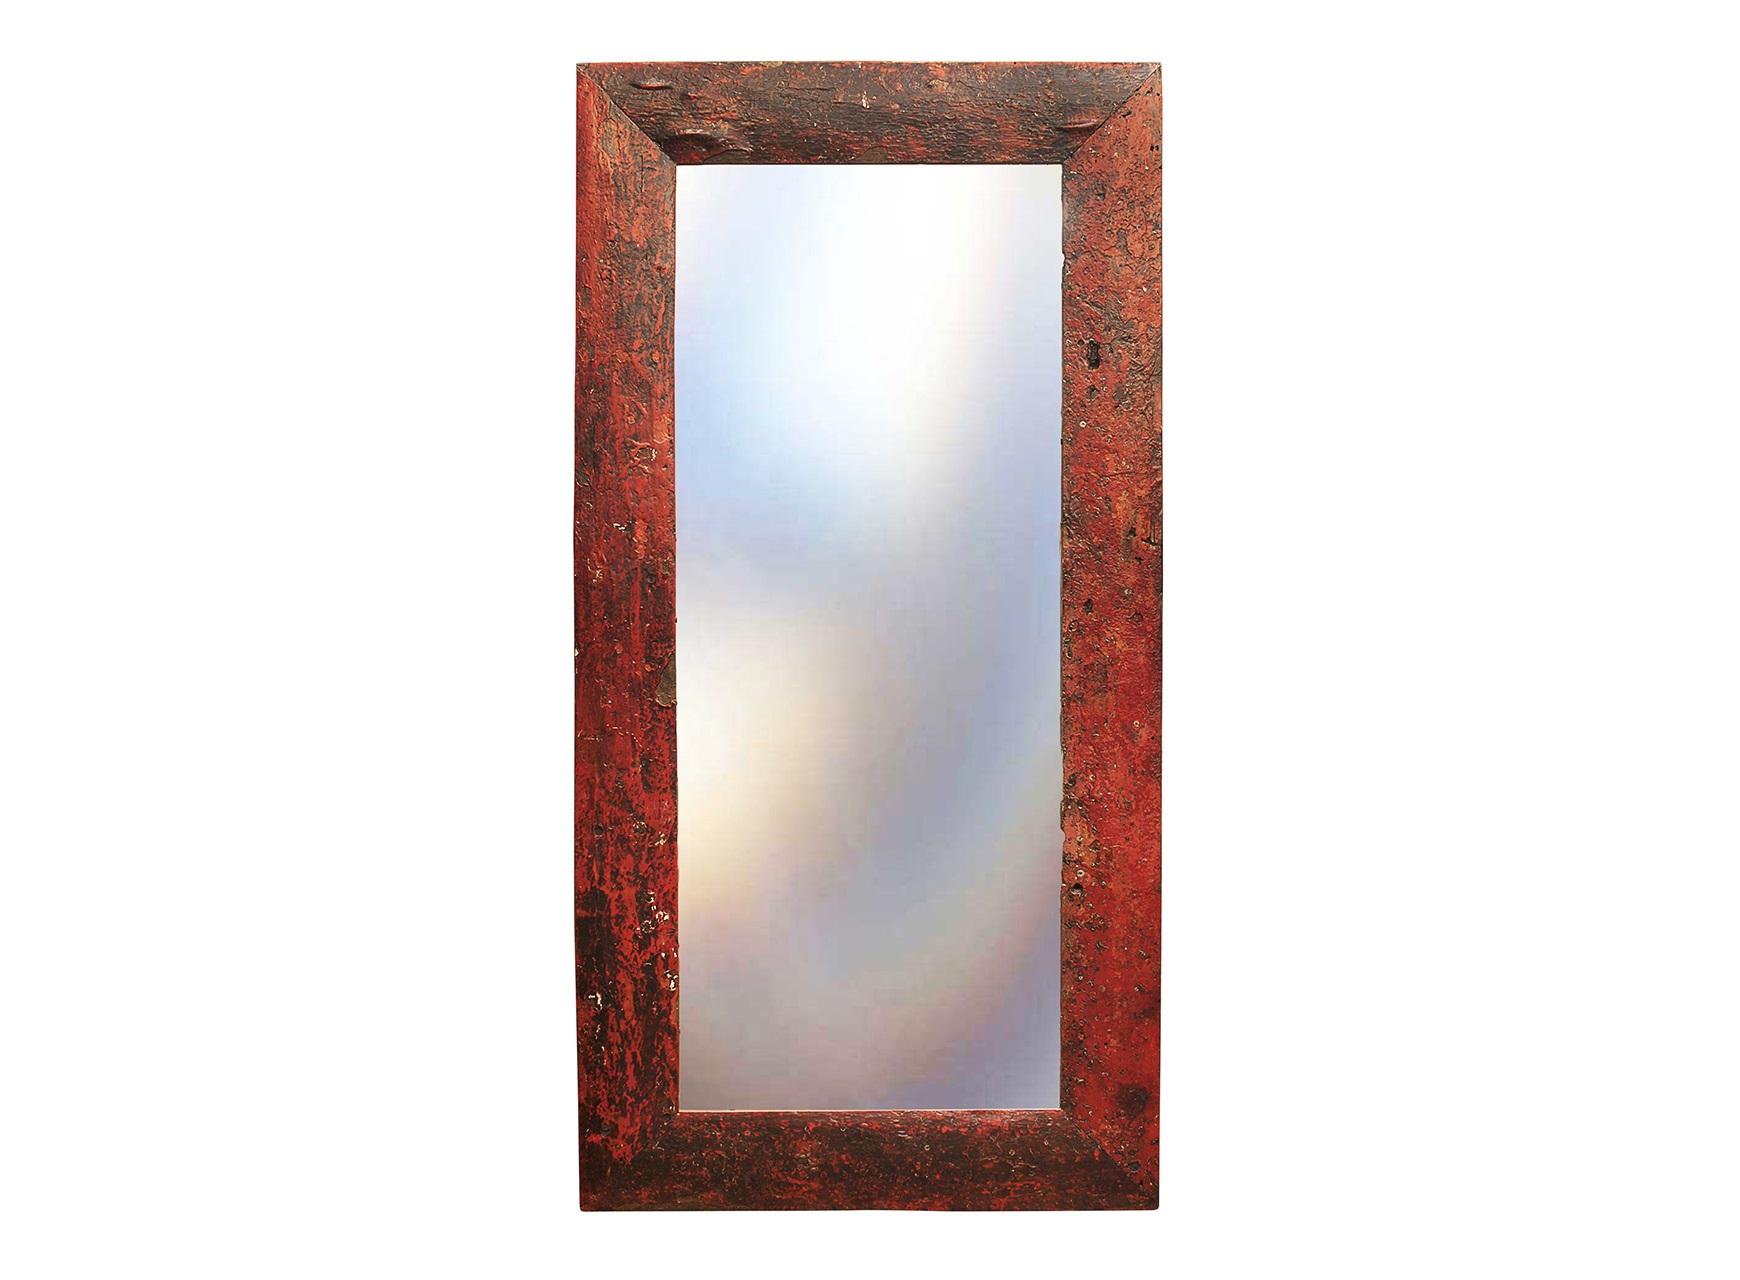 Зеркало Свет мой зеркальцеНастенные зеркала<br>Зеркало выполнено из фрагментов настоящего рыболовецкого судна, возраст которого 20-40 лет. Окрас сохранён оригинальный.<br><br>Material: Тик<br>Ширина см: 90.0<br>Высота см: 180.0<br>Глубина см: 3.0